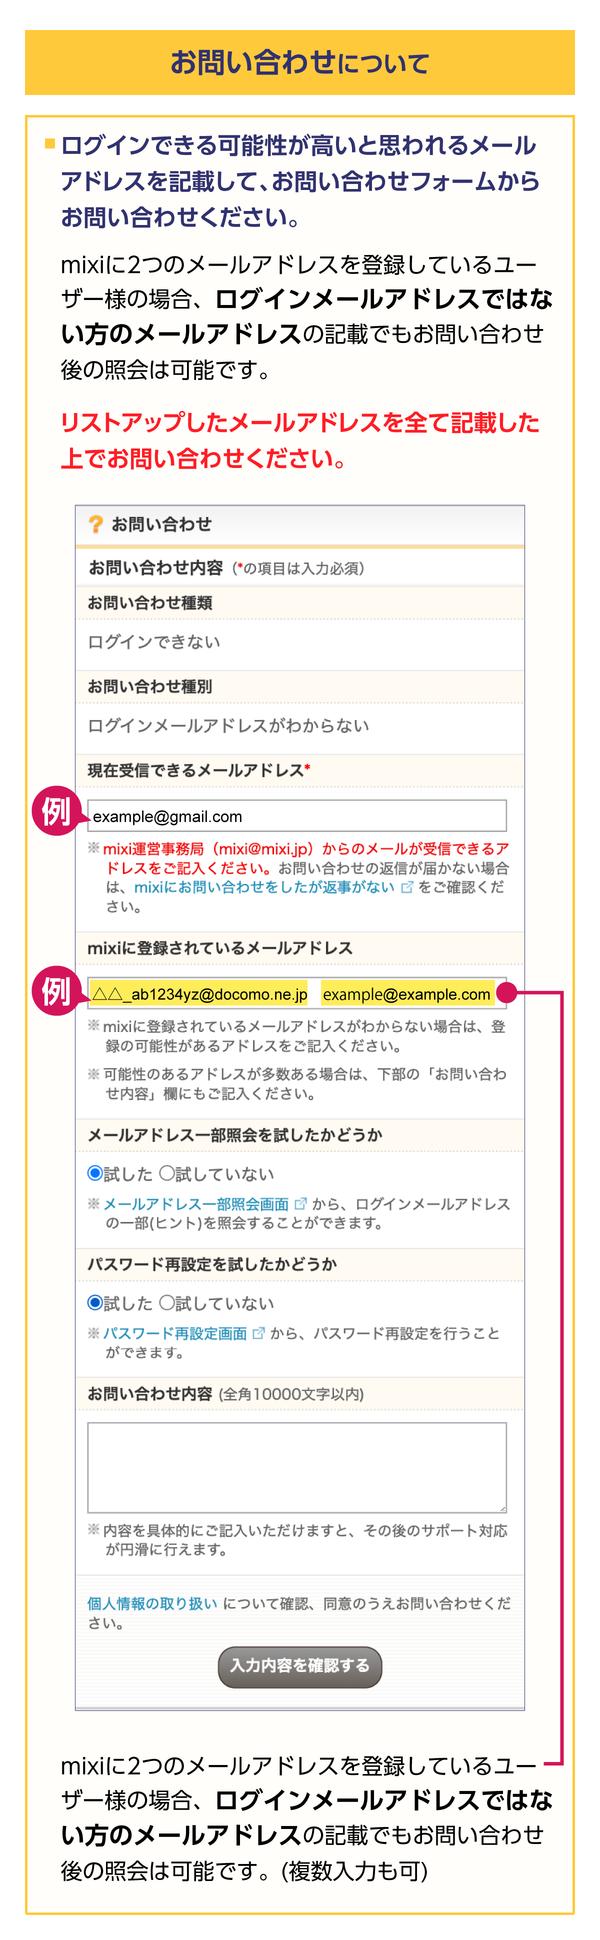 お問い合わせフォームにて、ログインできる可能性が高いとお考えの メールアドレス を入力して お問い合わせください。